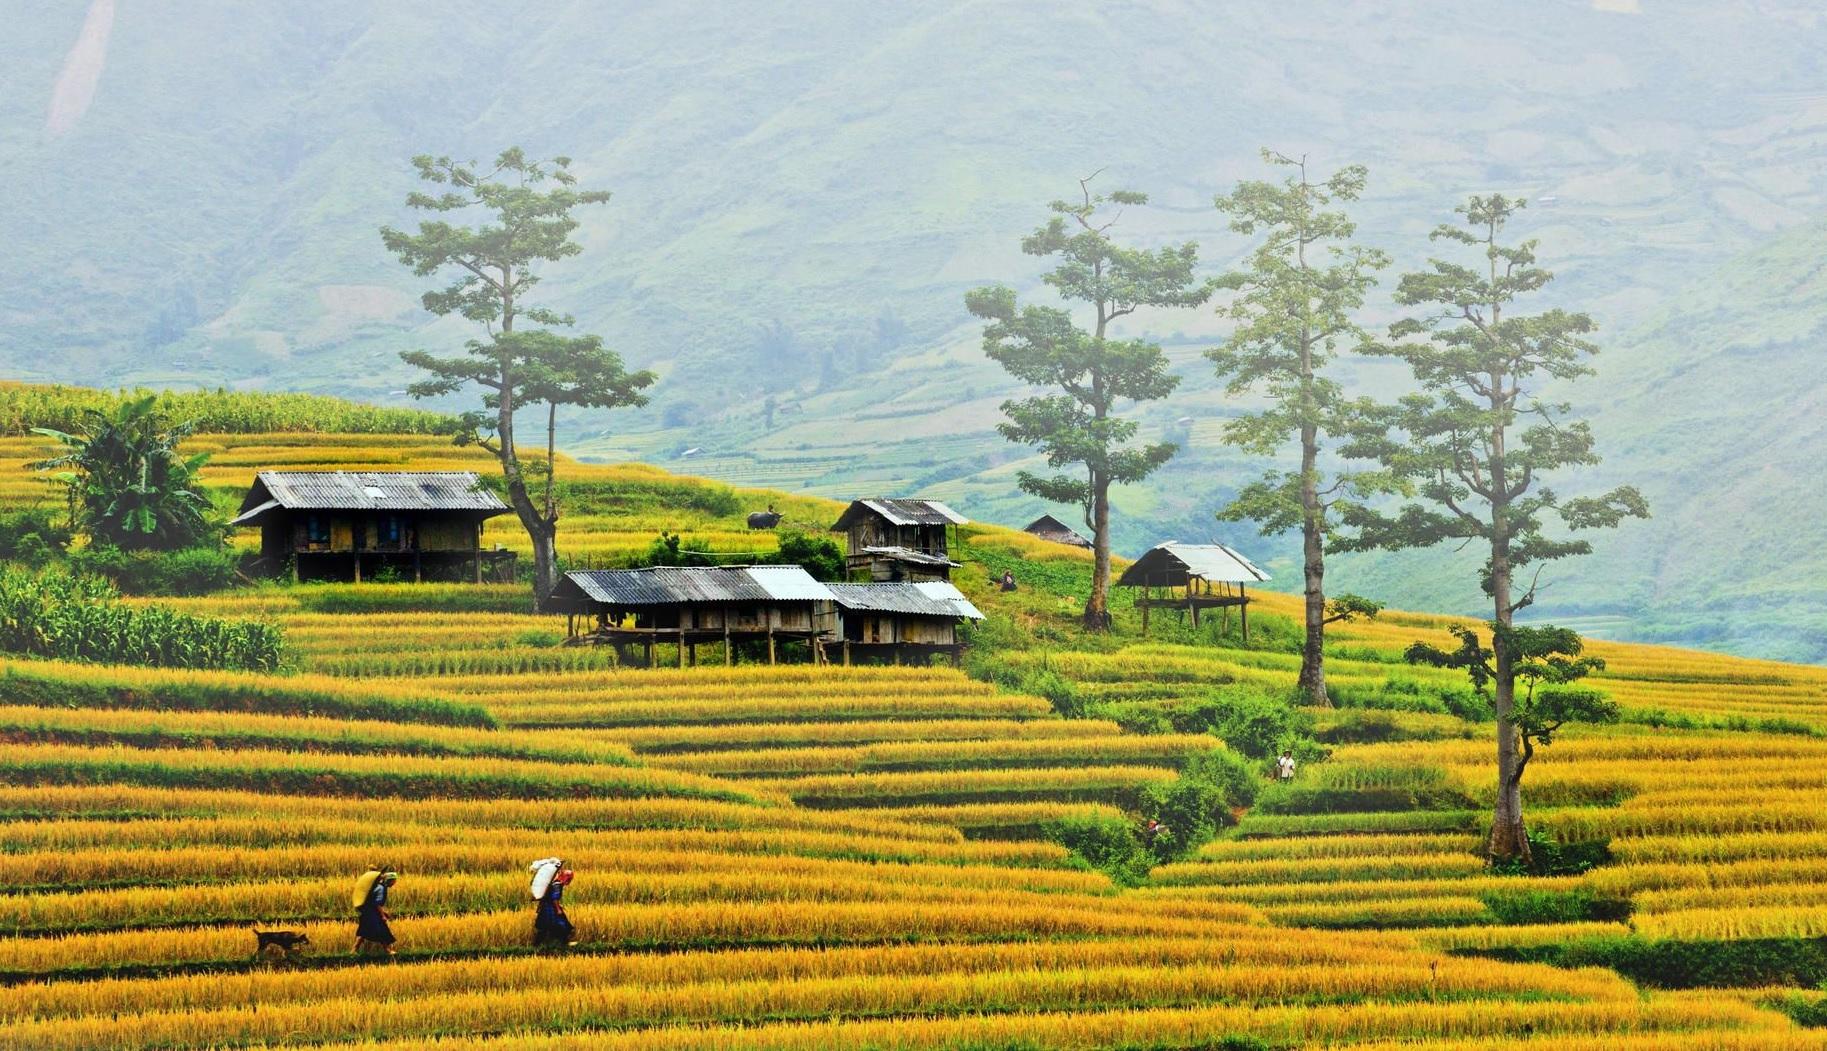 Du lịch Mộc Châu vào mùa đông sẽ được chiêm ngưỡng sắc trắng tinh khôi